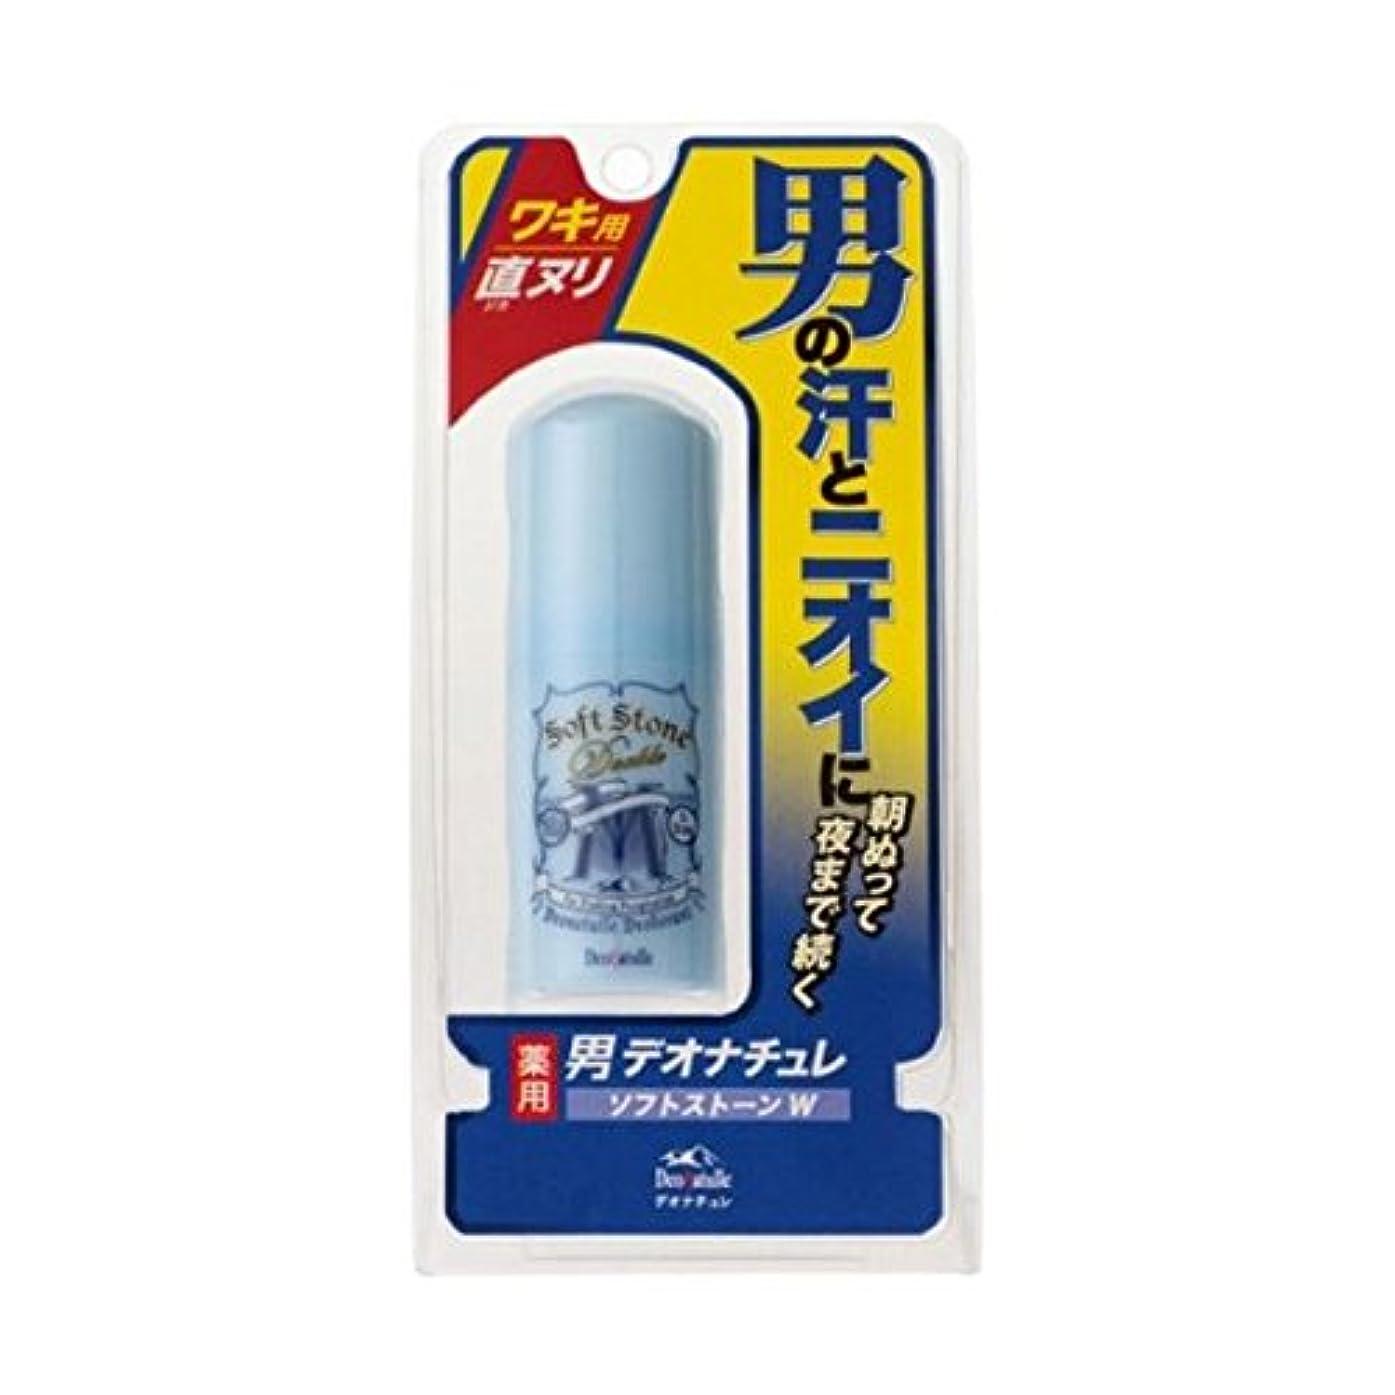 専門用語特権的イブデオナチュレ 男ソフトストーン20Gx3個セット (4971825011747)